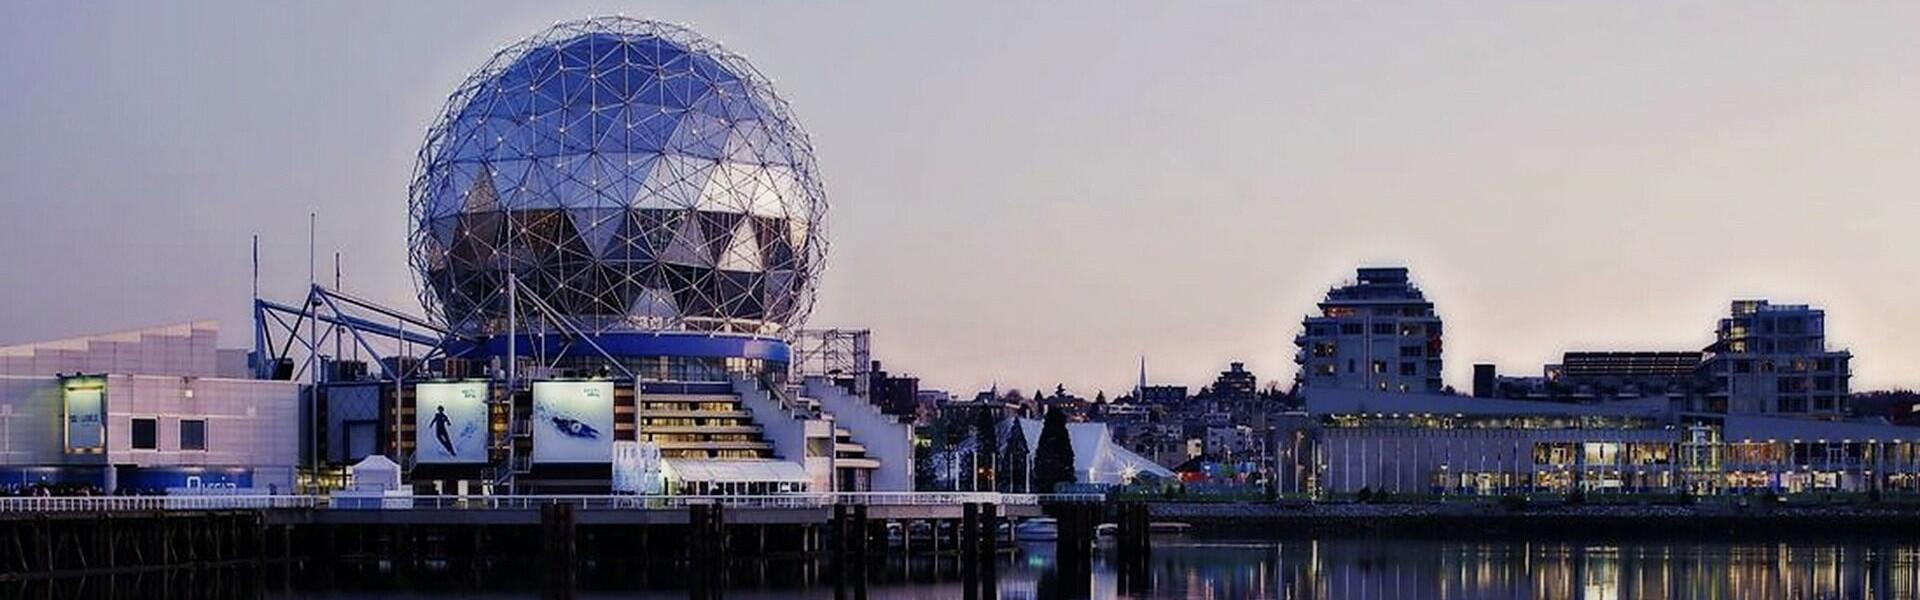 Vancouver School Board-British Columbia-Cityscape-Banner-Canada-2019